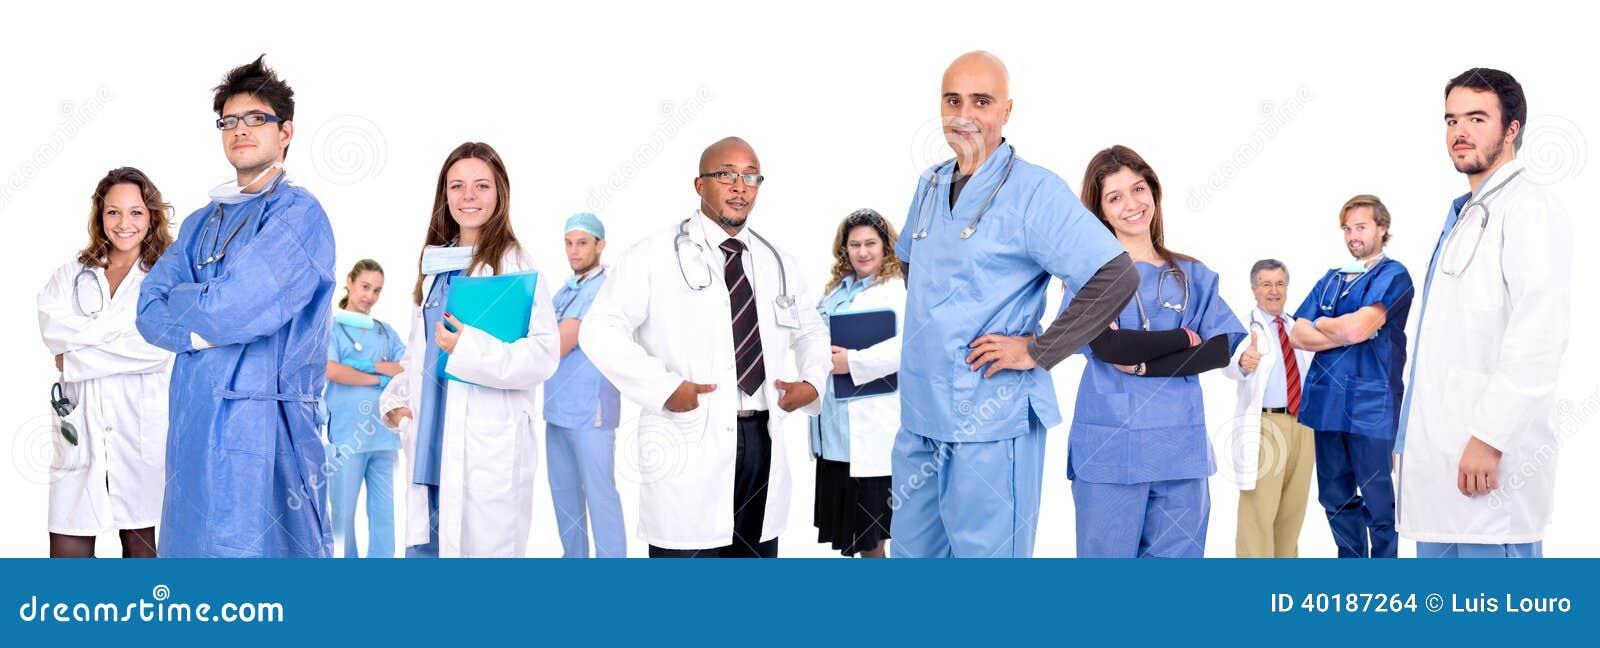 Équipe médicale